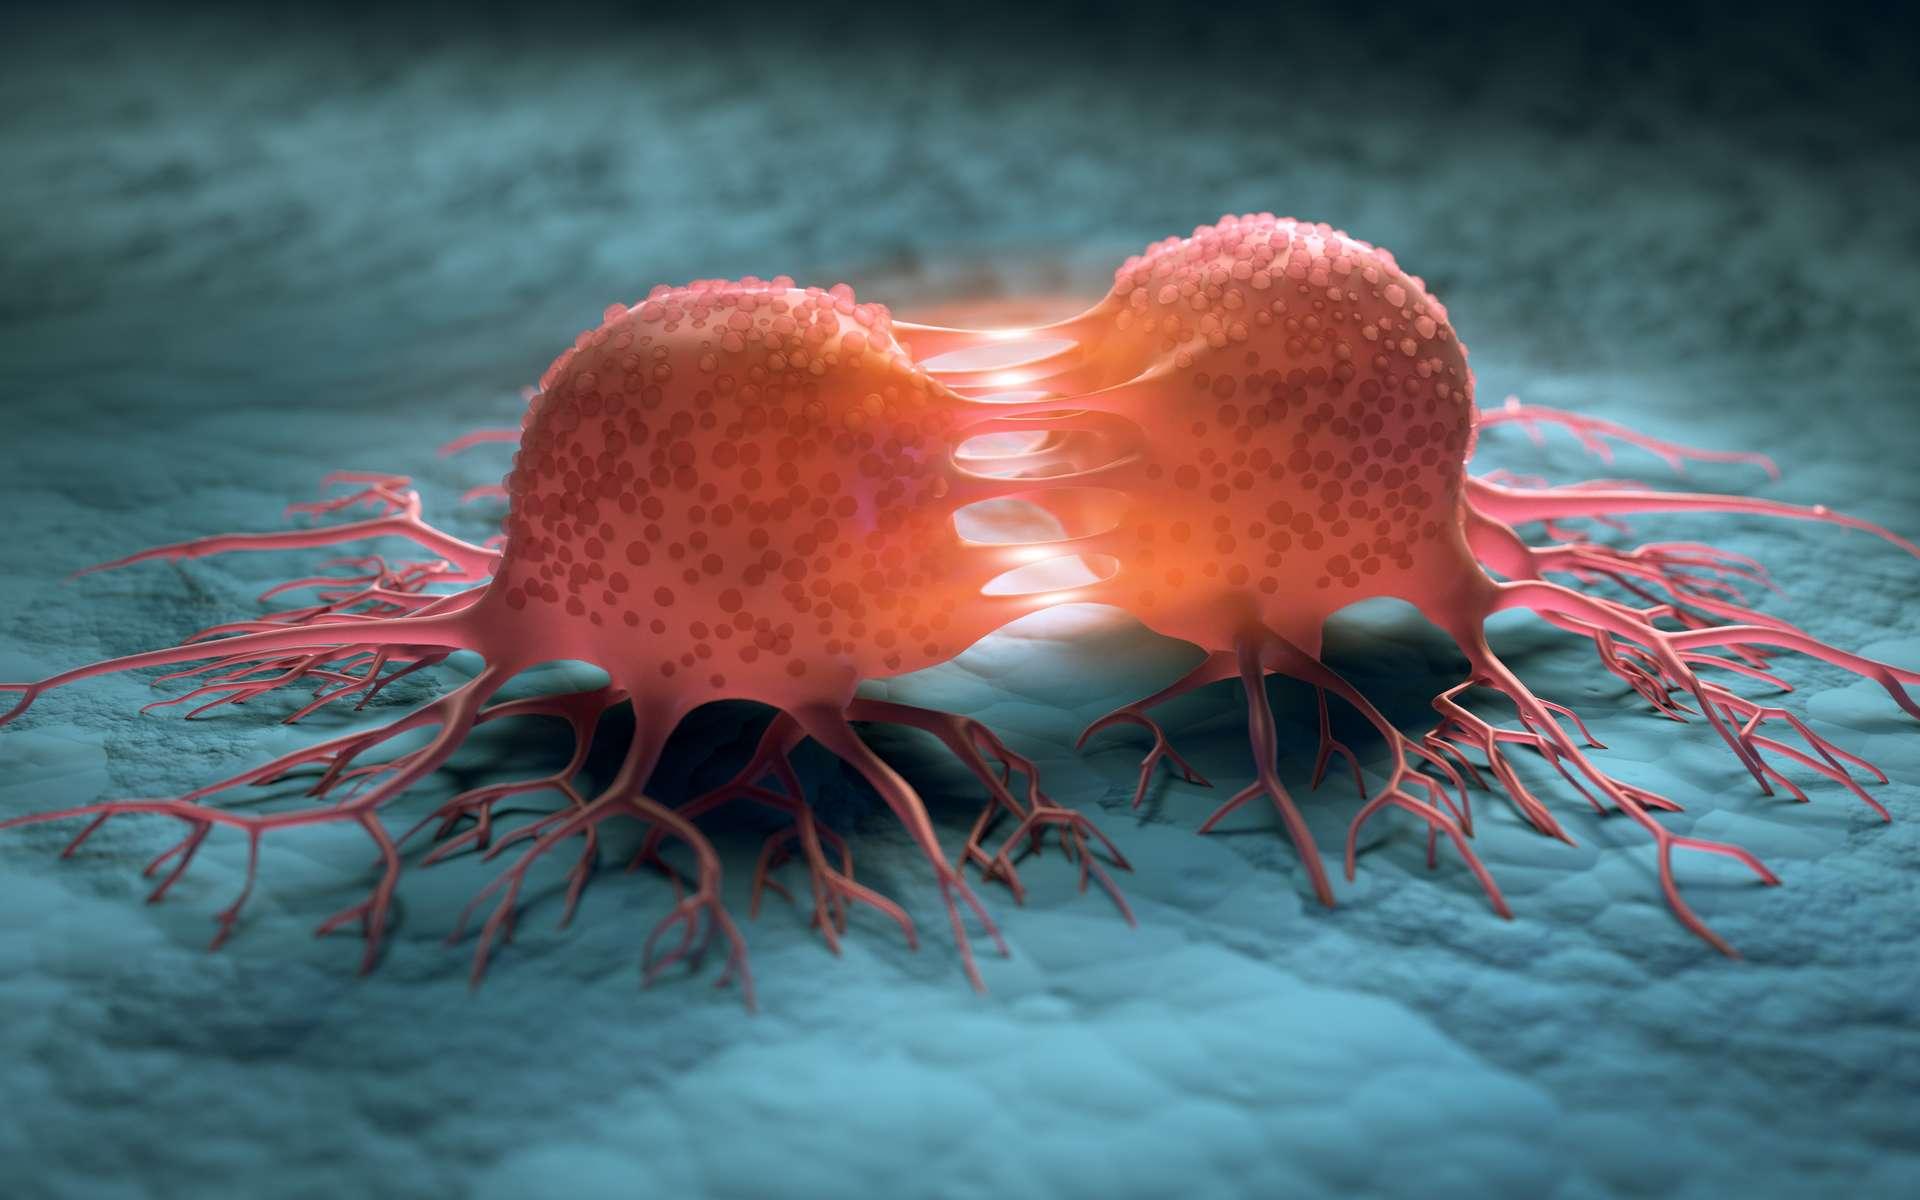 Au Moyen Âge, la proportion de britanniques souffrant d'un cancer au moment du décès aurait oscillé entre 9 et 14 %. © peterschreiber.media, Adobe Stock